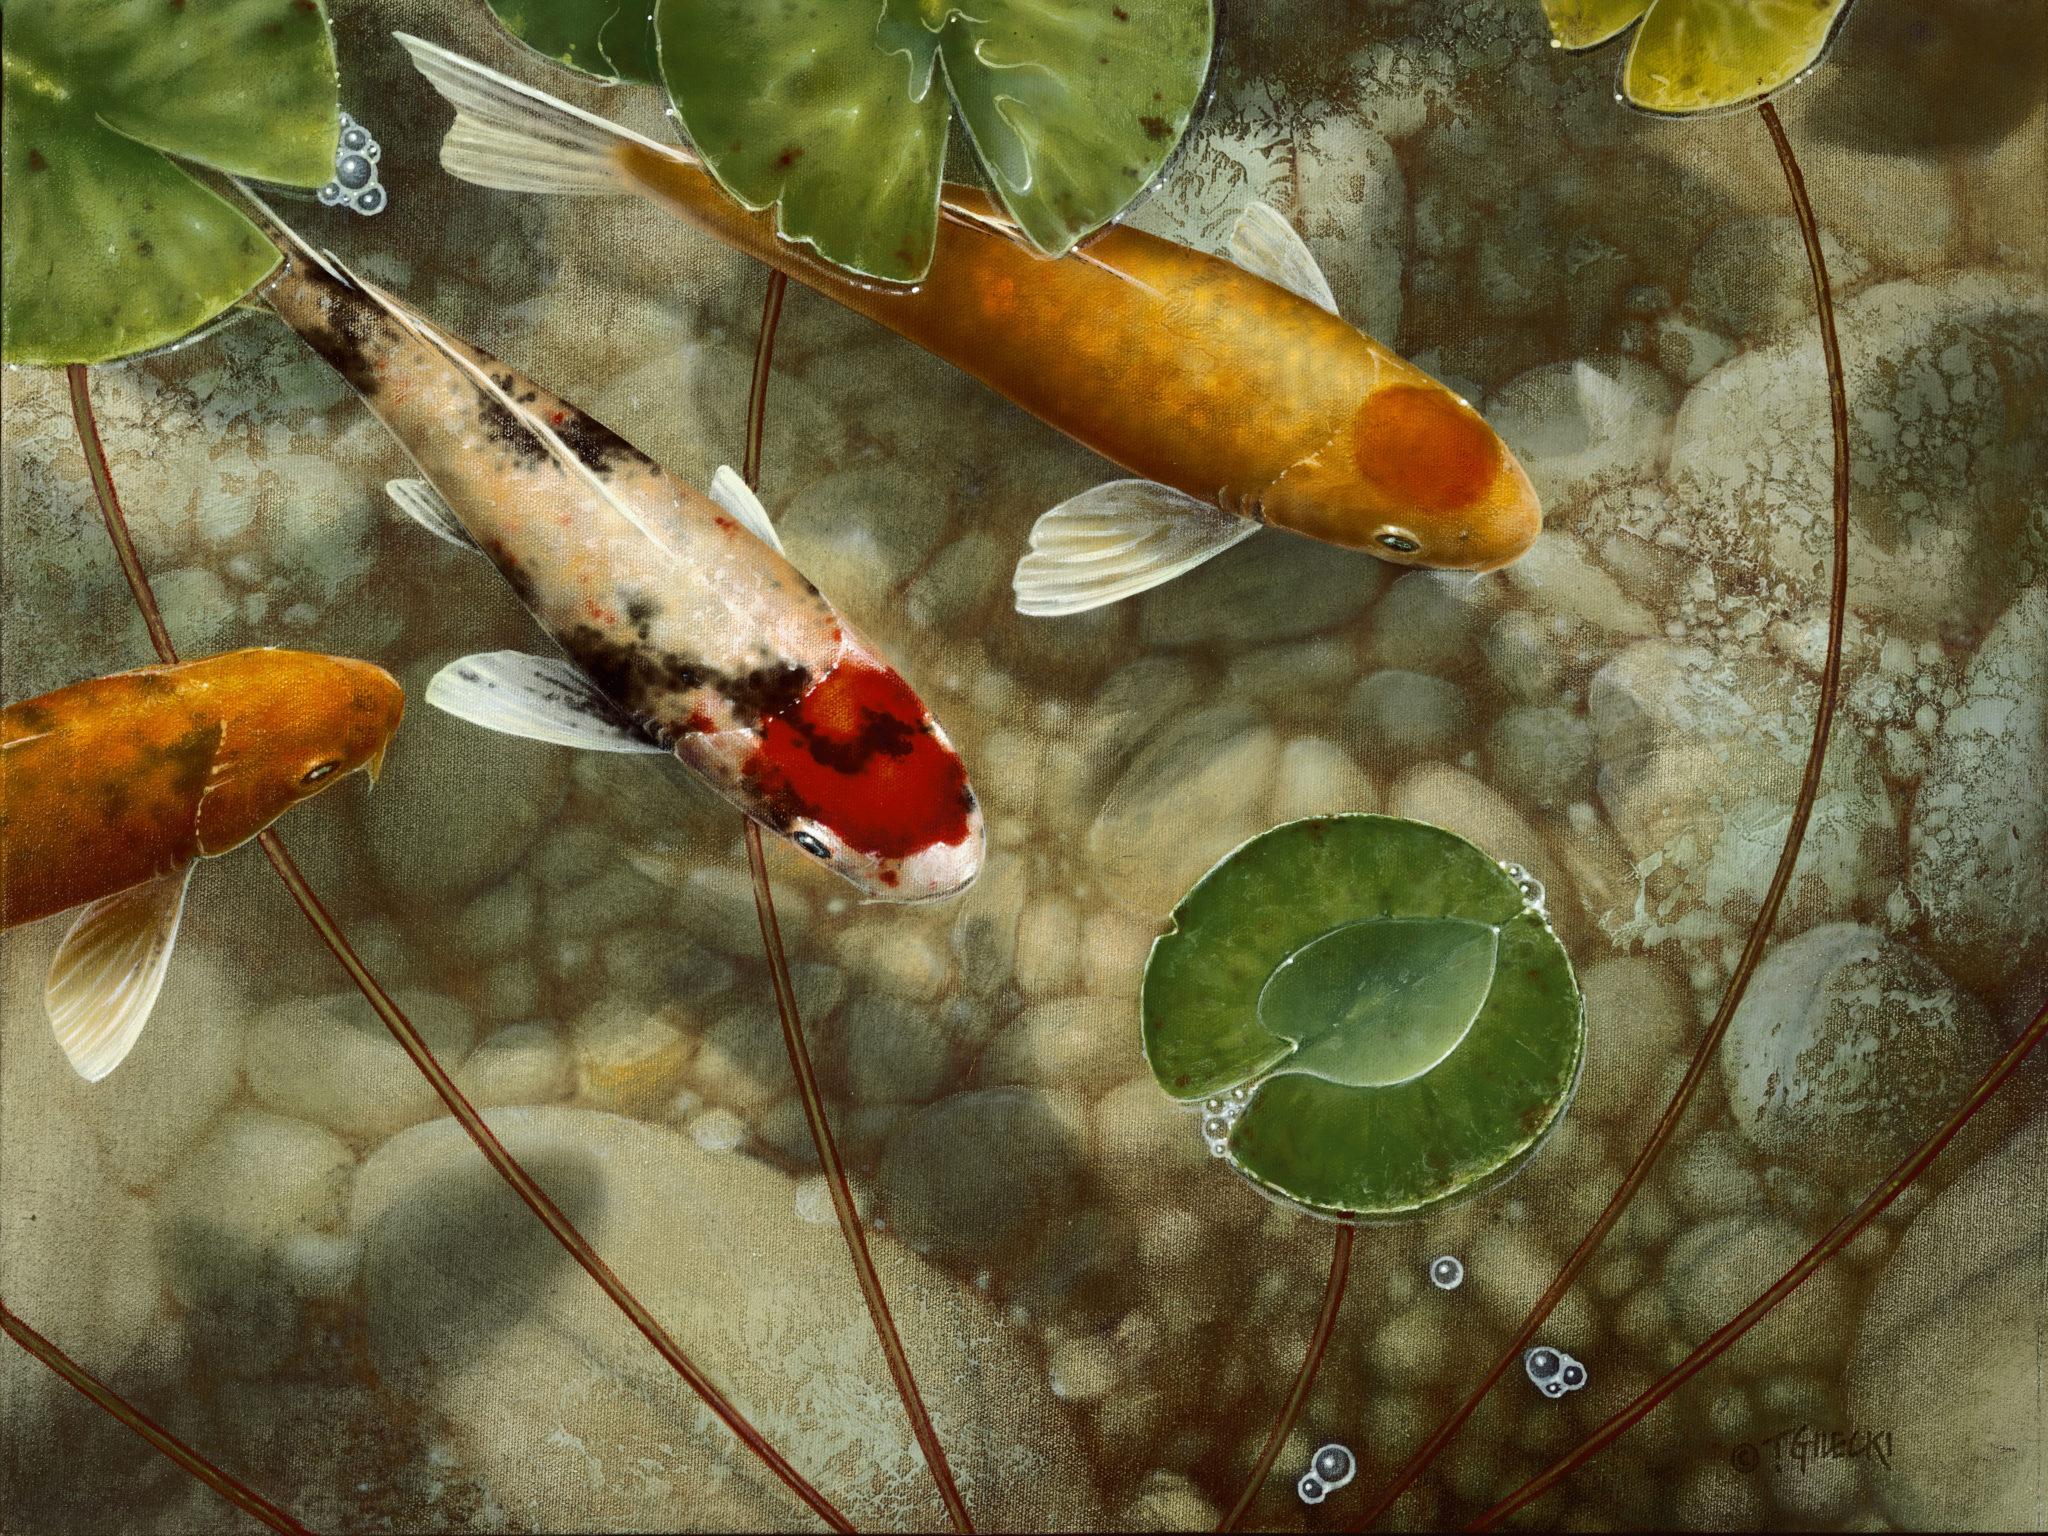 image of koi in pond